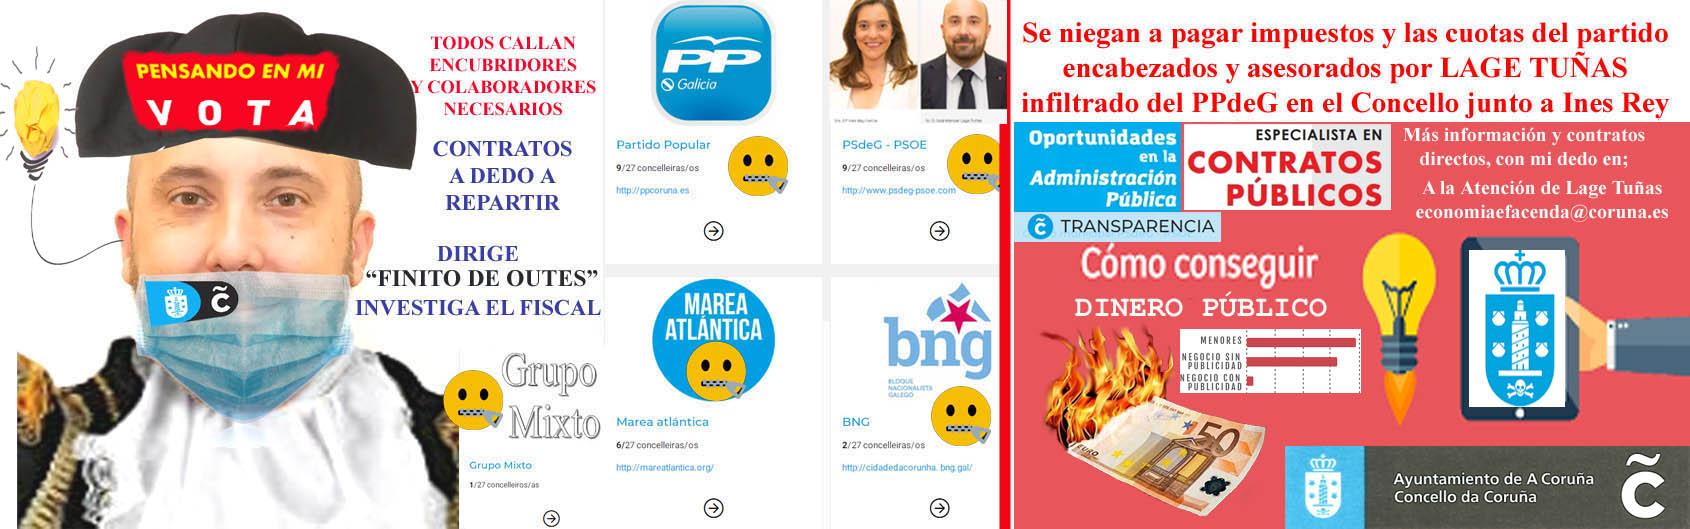 Ines Rey sigue sin explicar la adjudicación de publicidad en la Voz de  Galicia para lograr entrevistas a dos páginas llenas de FAKE NEWS mediando  familiar mujer de Lage Tuñas. - Xornal